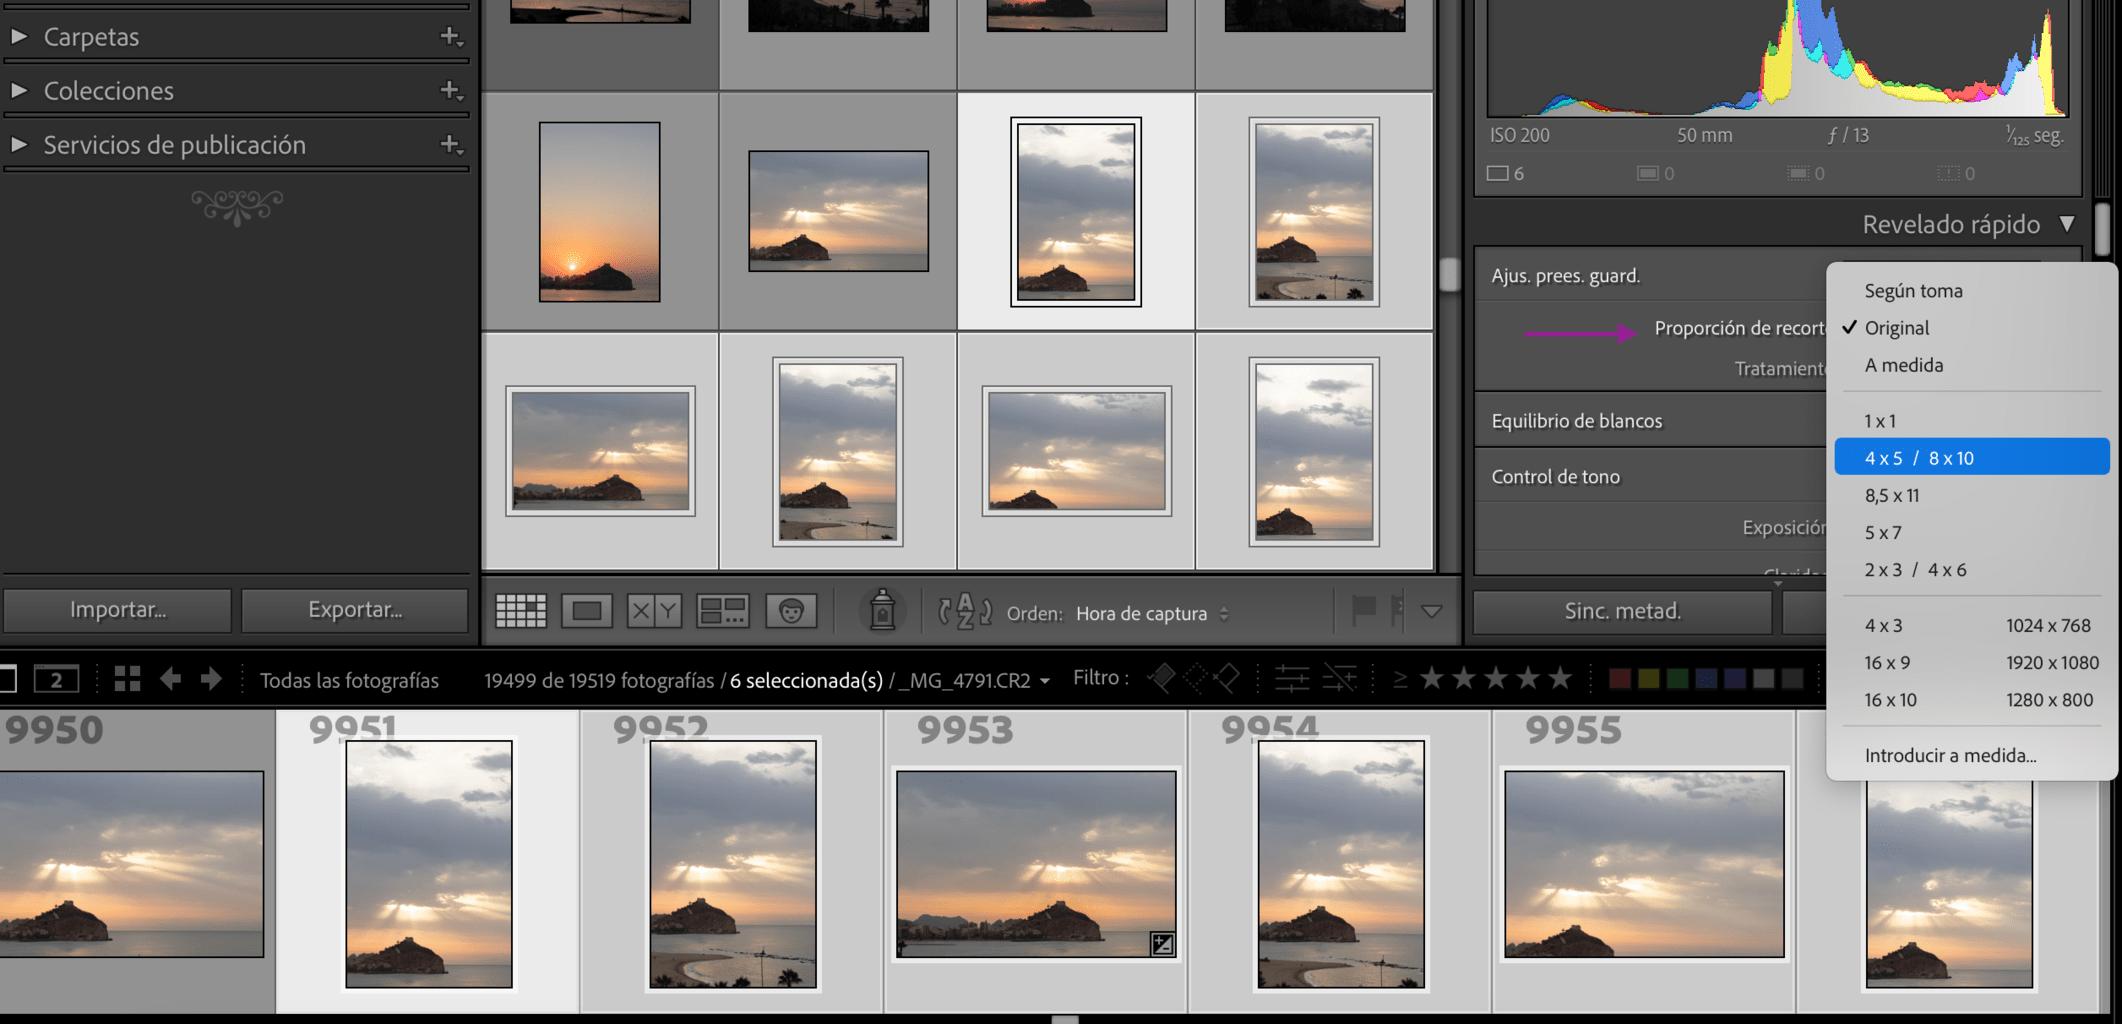 Captura de pantalla de cómo cambiar la relación de aspecto de un grupo de fotos a la vez en Lightroom